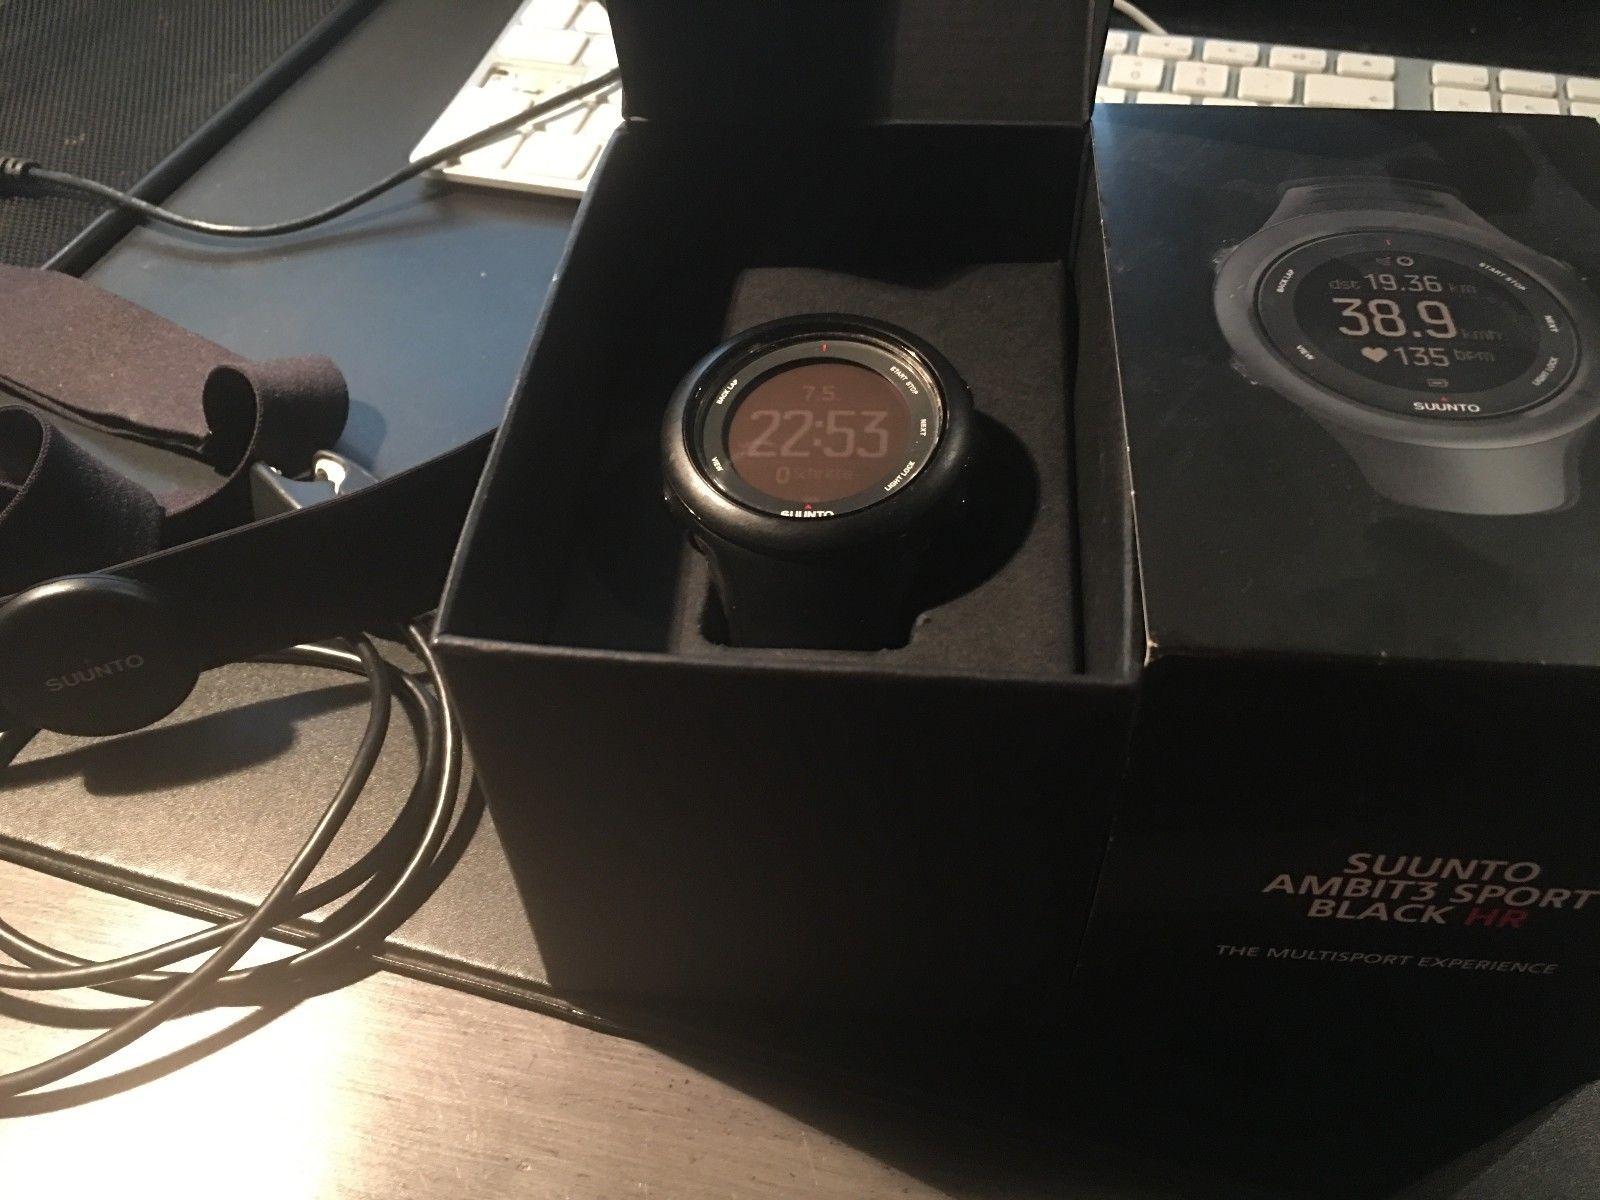 Suunto Ambit3 Black (HR) Sportuhr GPS-Watch mit OVP